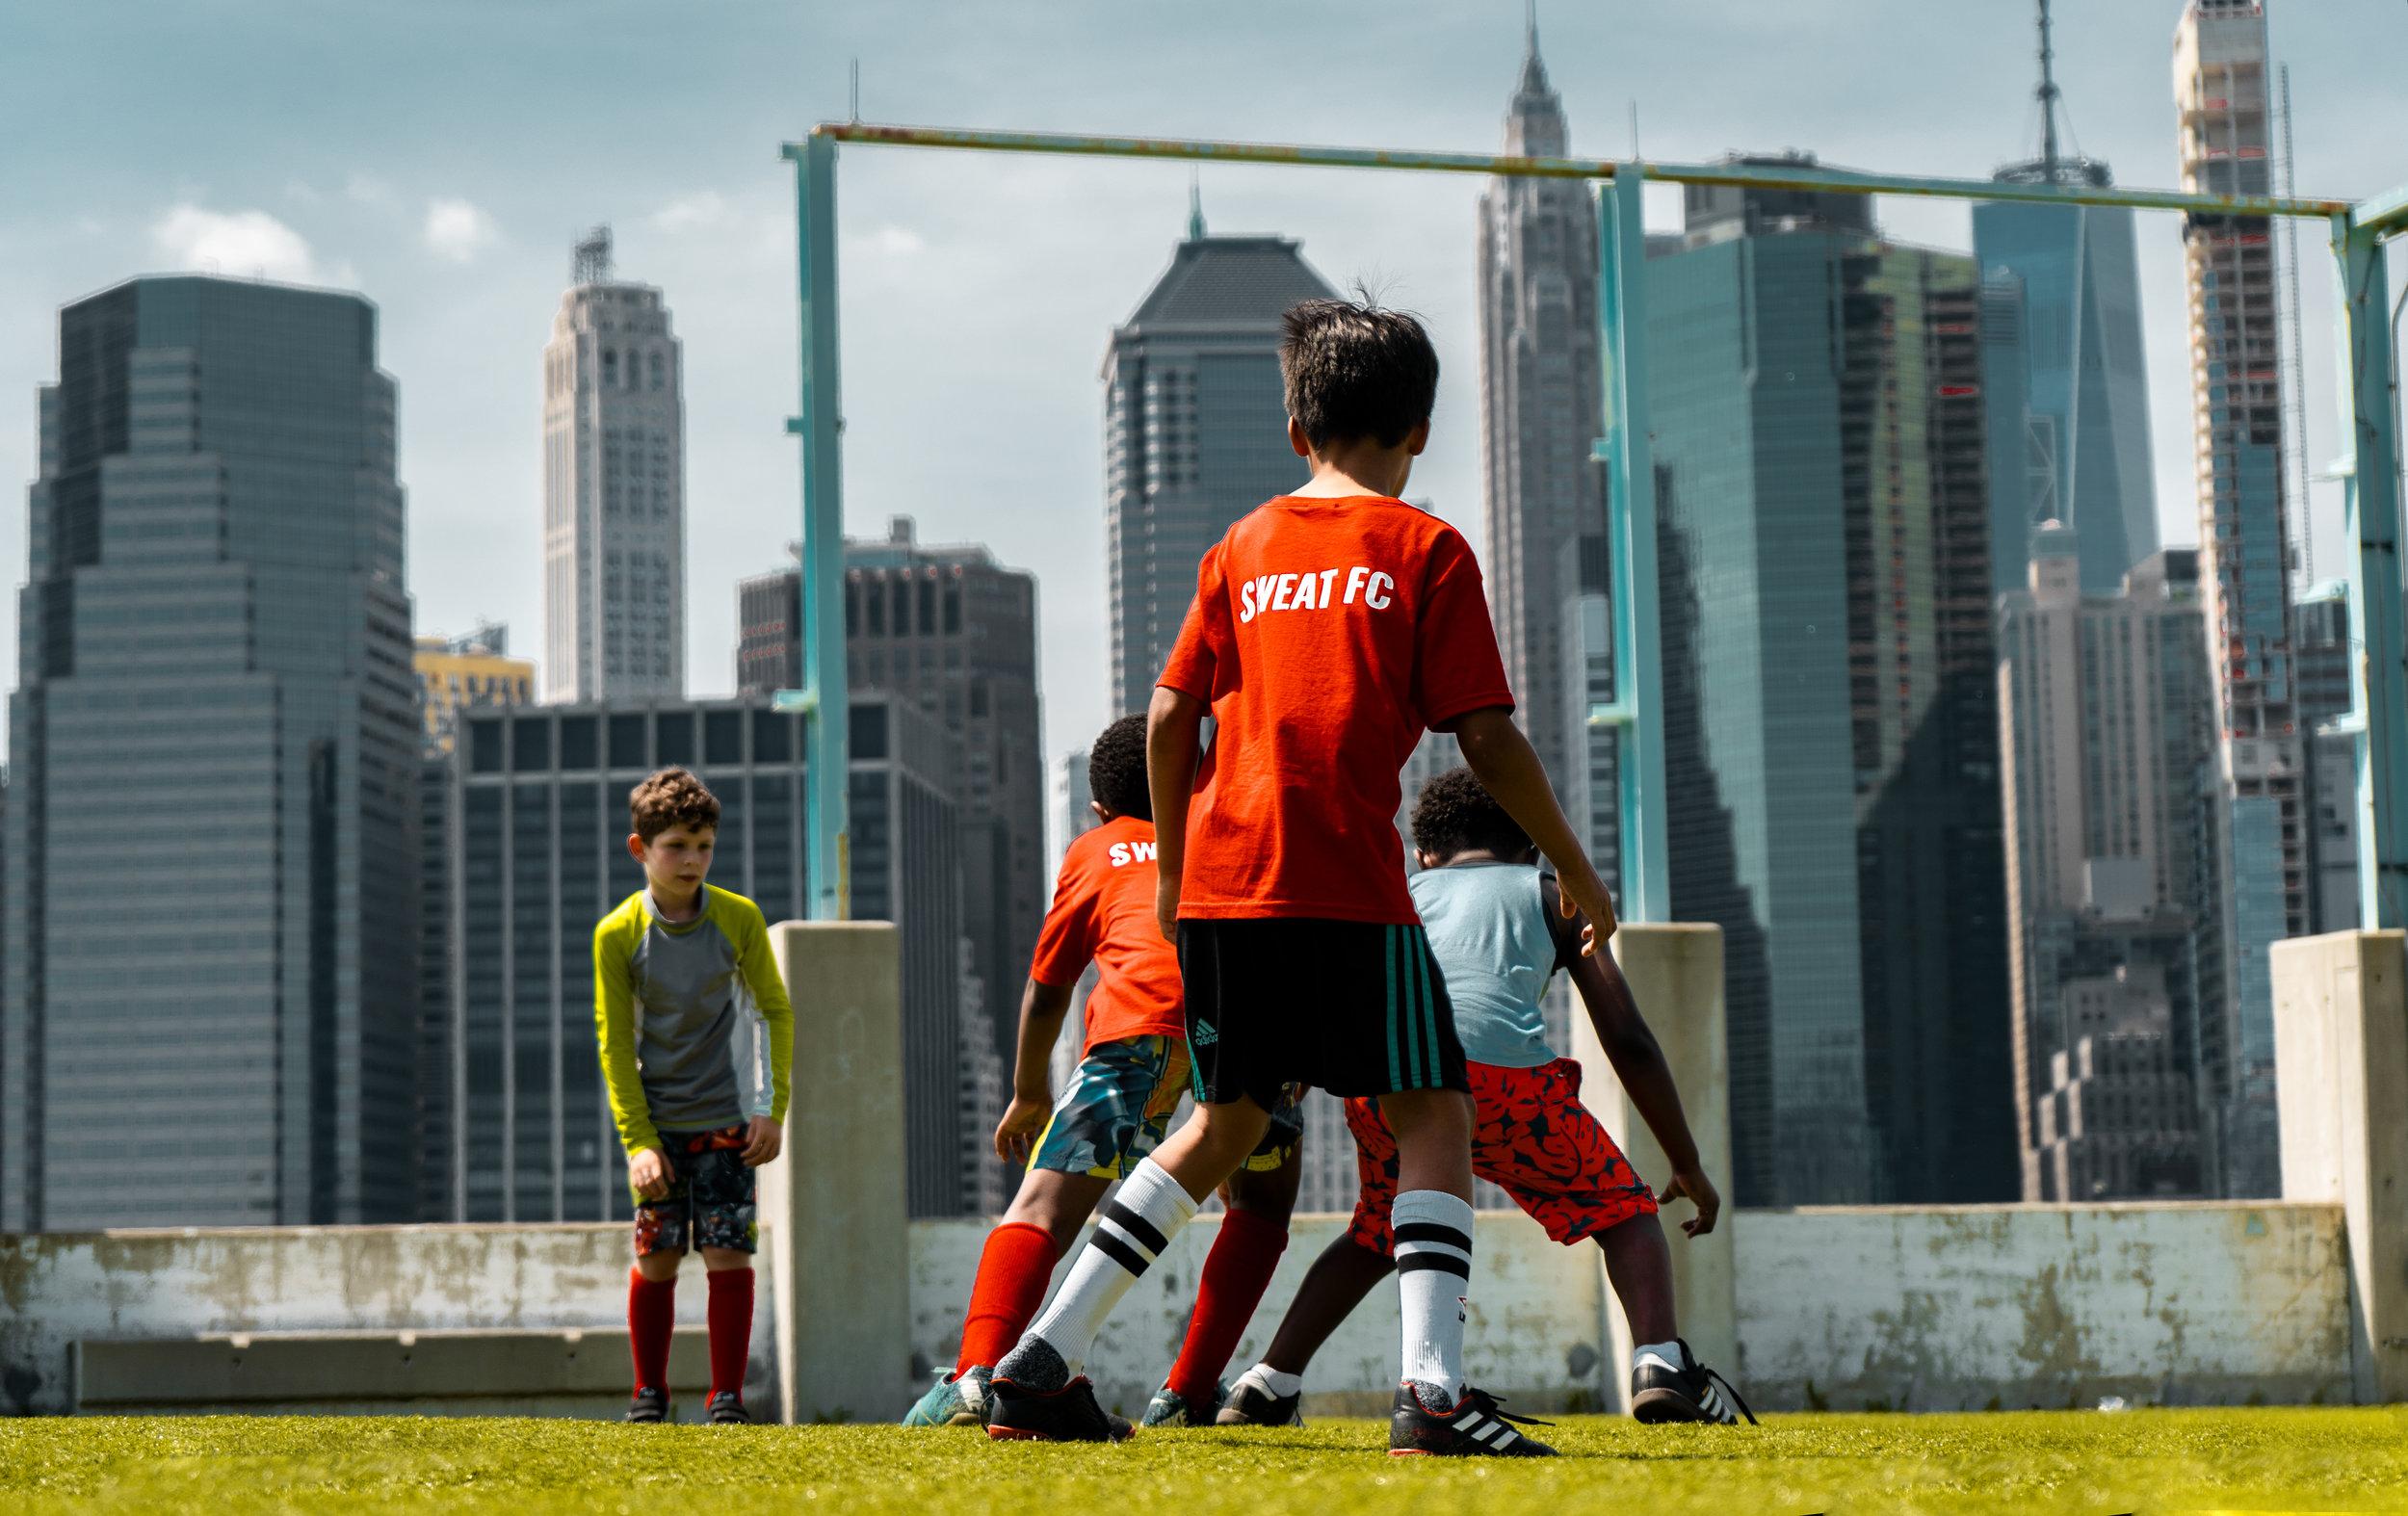 SWEAT FC : Brooklyn Youth Soccer